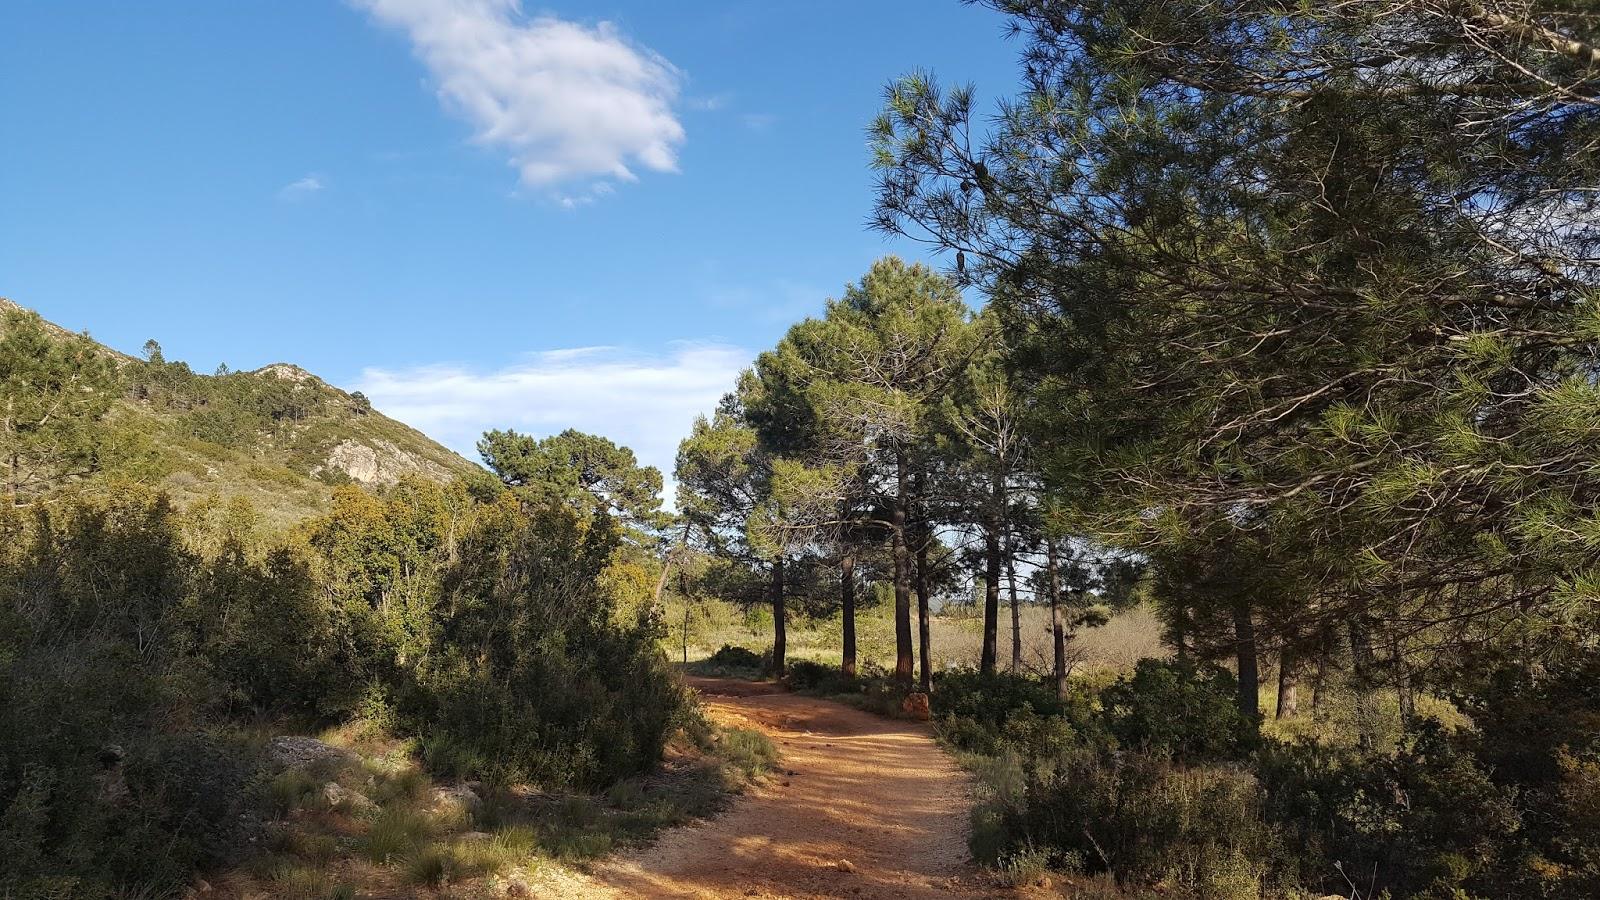 Cycling in Valencia - Pla de la Vinyavella, Quatretonda, Vall d'Albaida